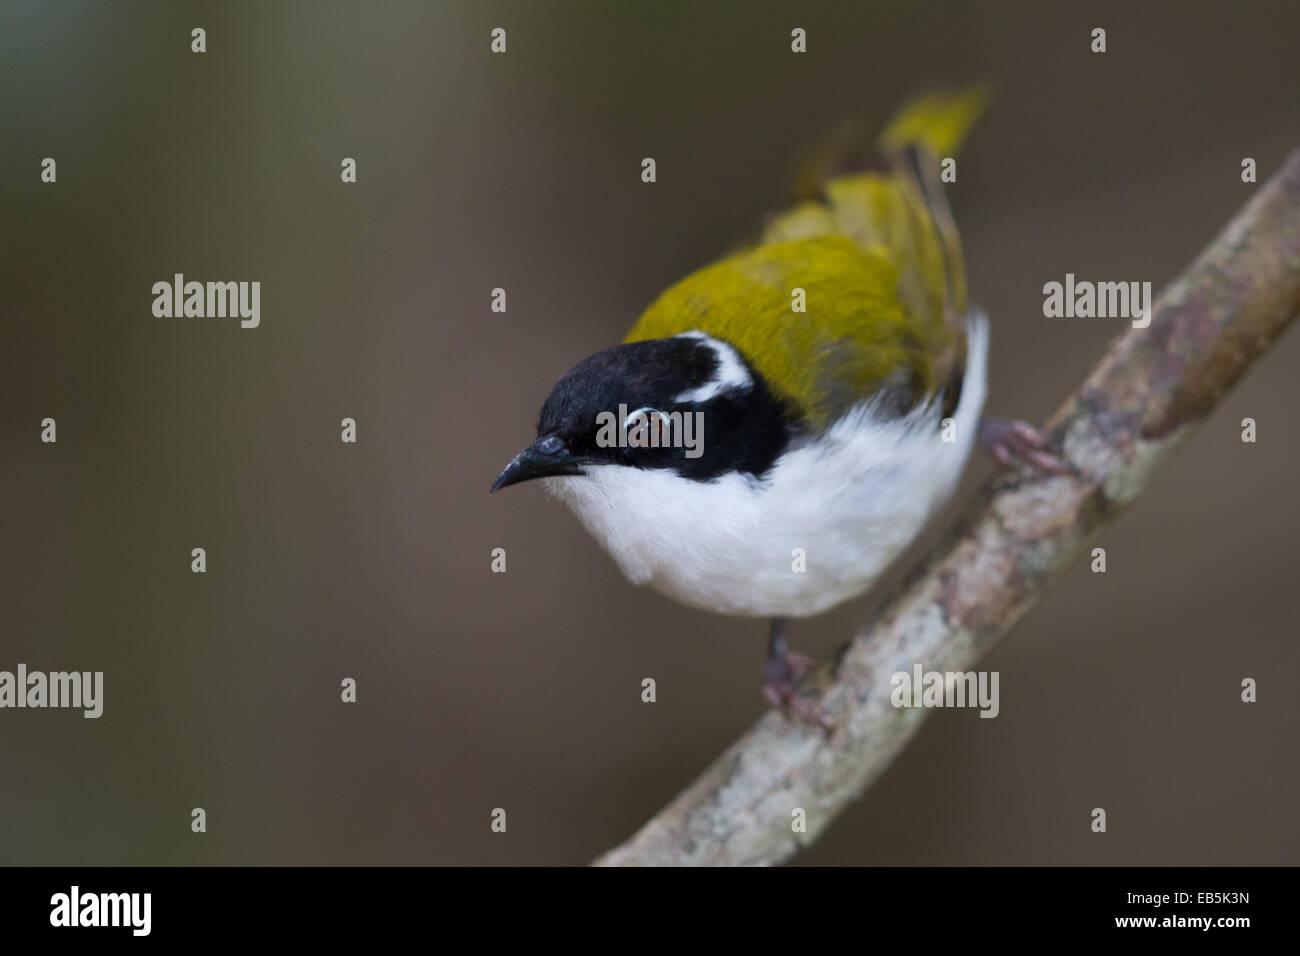 White-throated Honeyeater (Melithreptus albogularis) - Stock Image